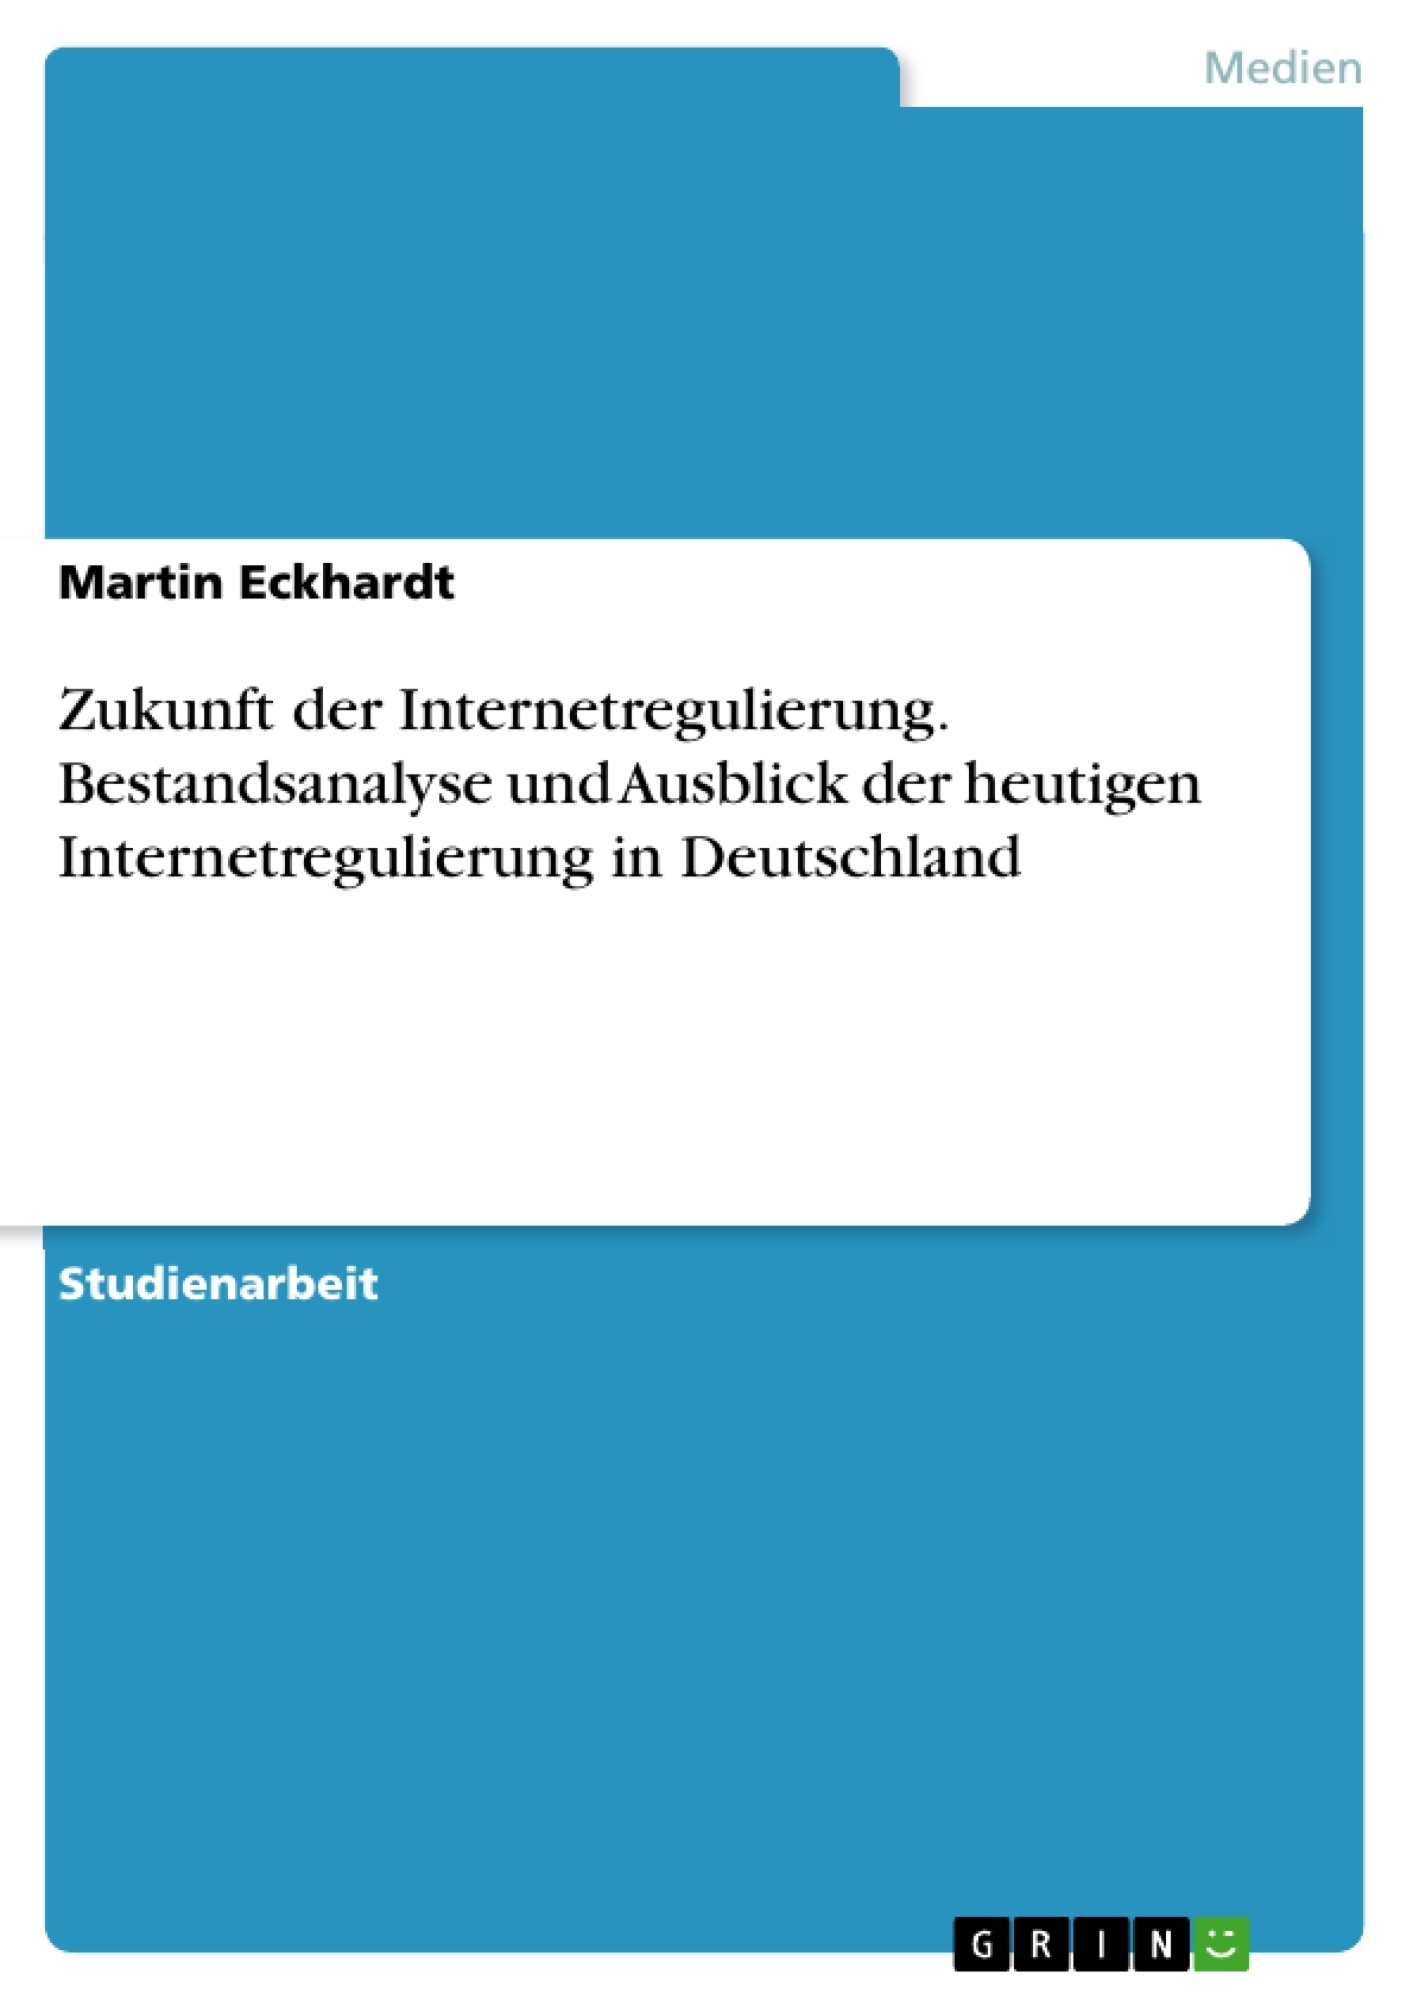 Titel: Zukunft der Internetregulierung. Bestandsanalyse und Ausblick der heutigen Internetregulierung in Deutschland